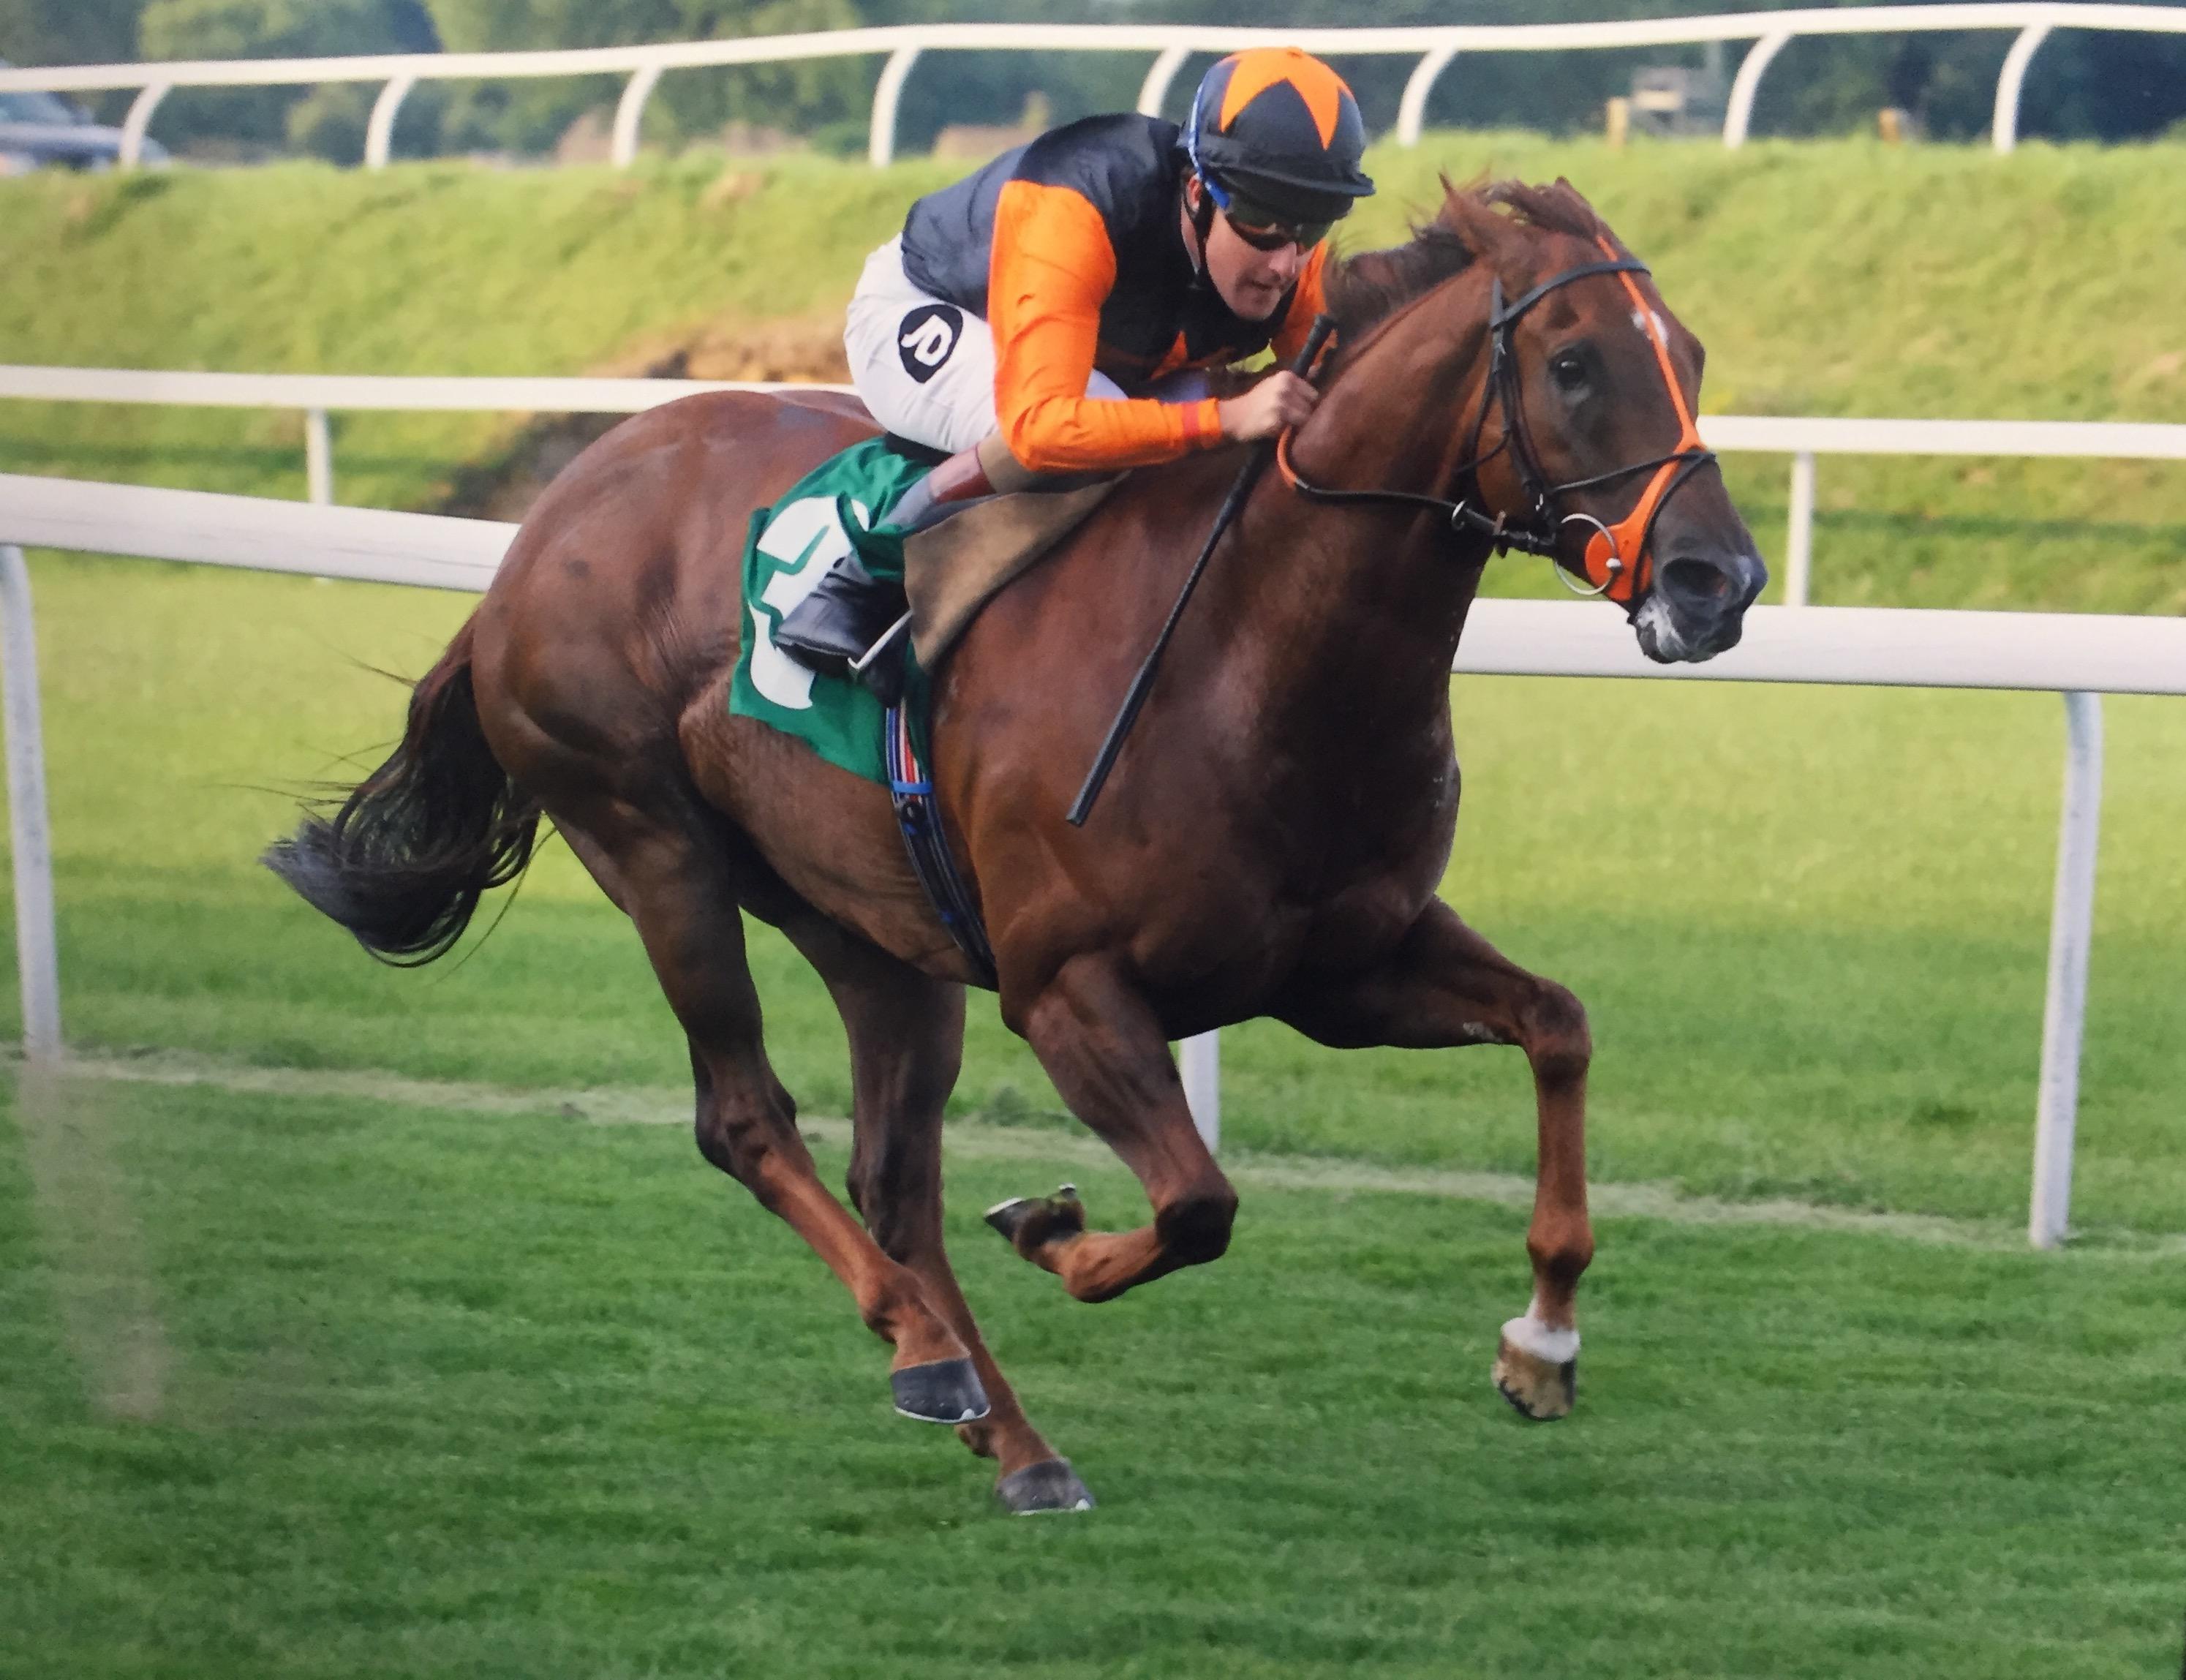 racehorse john jenkins racing